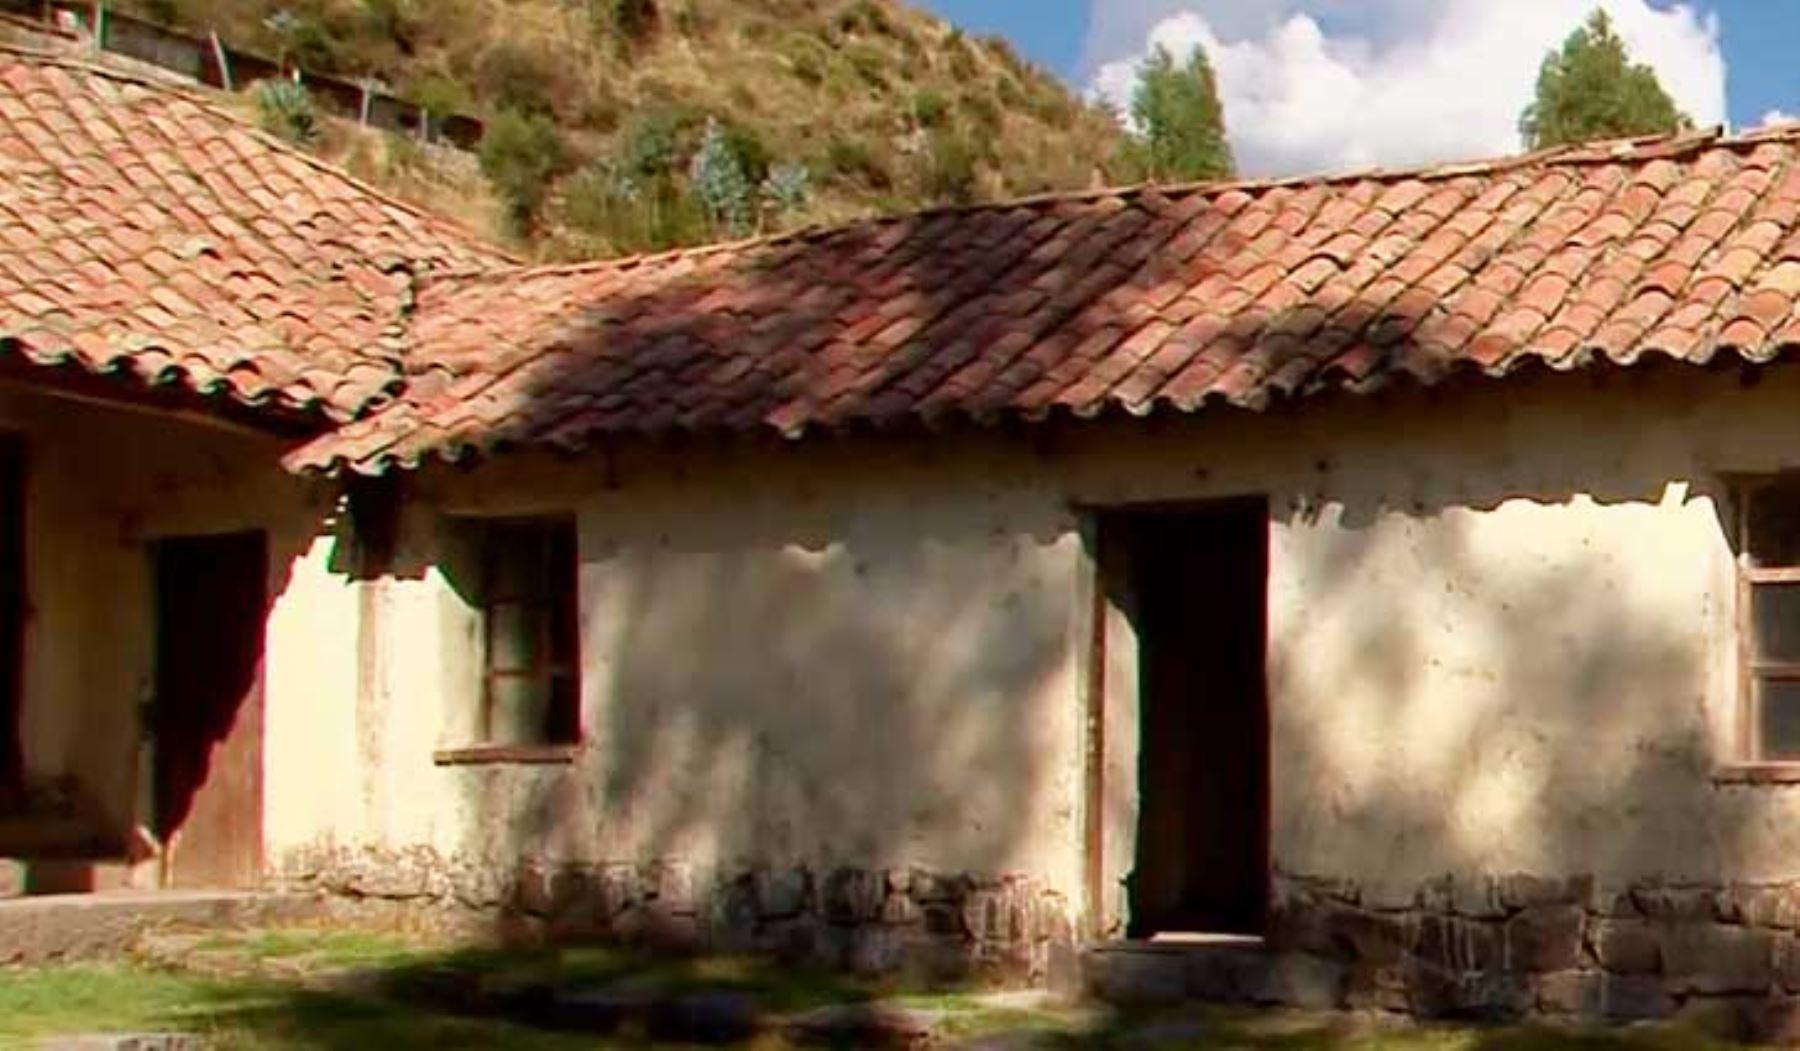 El Ministerio de Cultura declaró como monumento integrante del Patrimonio Cultural de la Nación, la Casa de José Gabriel Condorcanqui Noguera, Túpac Amaru II, ubicada en el centro poblado de Surimana, distrito de Túpac Amaru, provincia de Canas, departamento de Cusco.